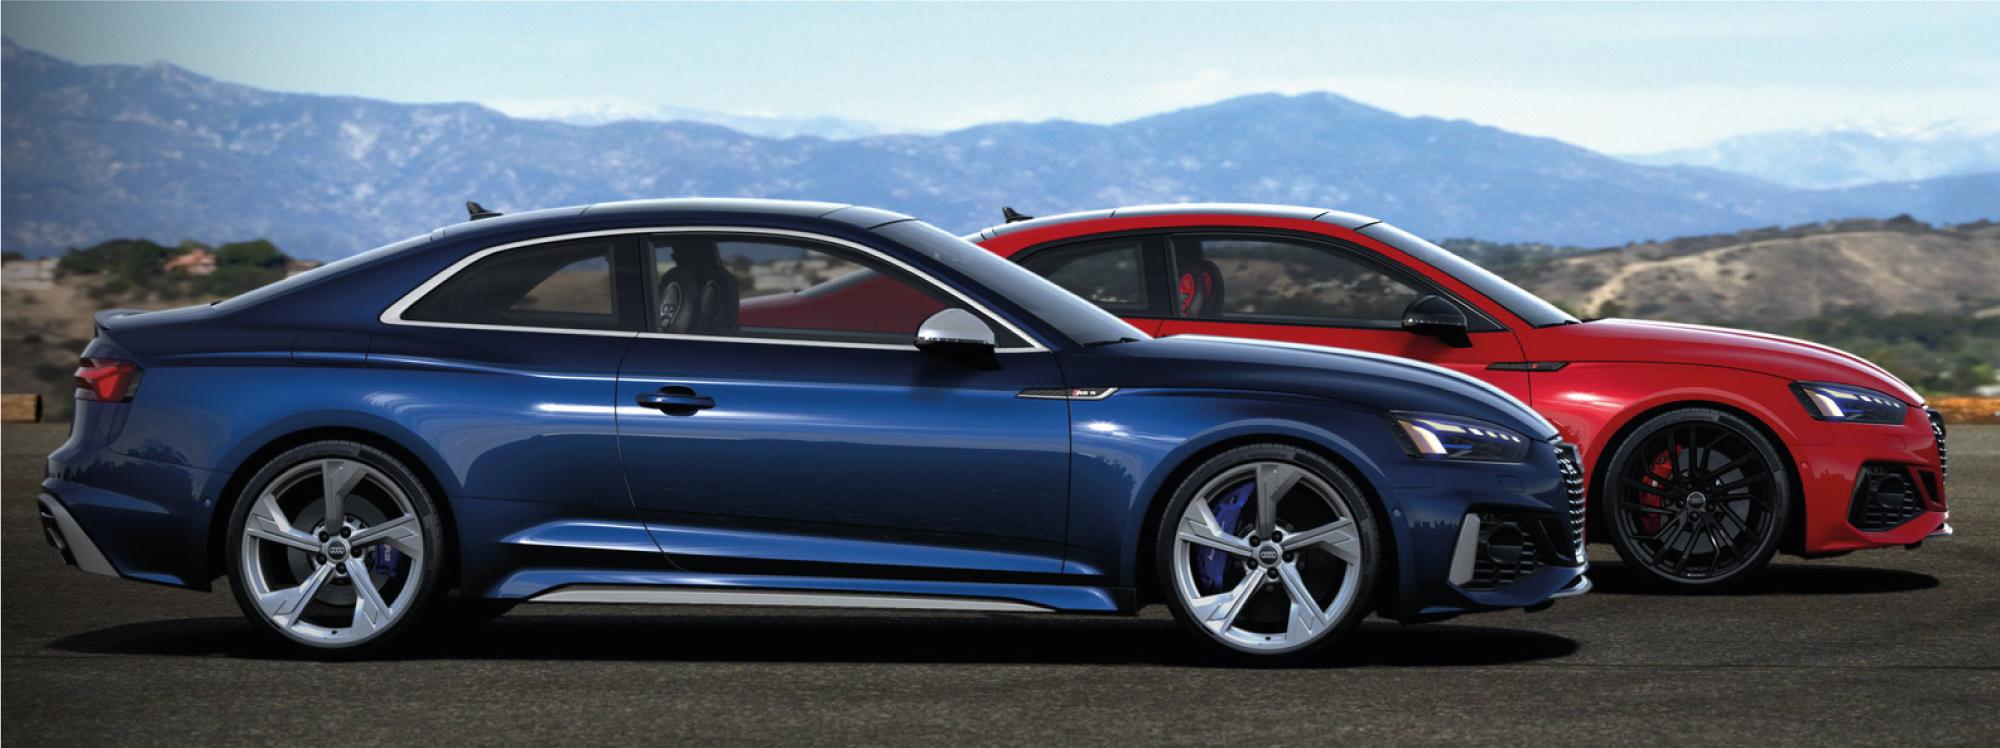 Audi lanzó al mercado el deportivo RS5 en dos versiones